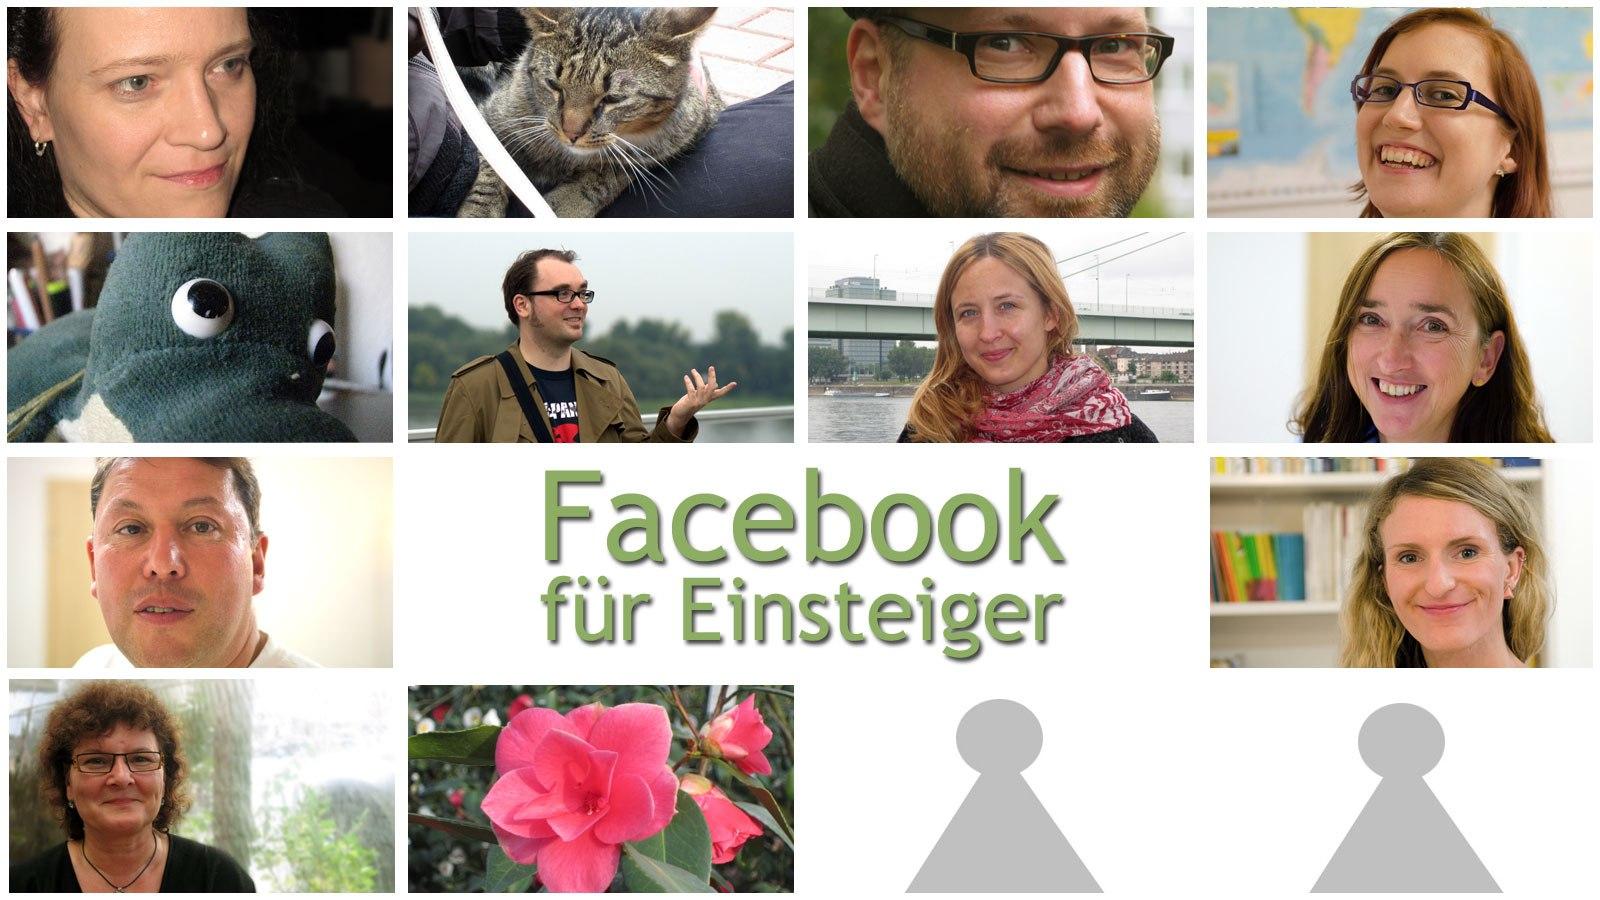 Internetkurse Köln: Facebook für Einsteiger